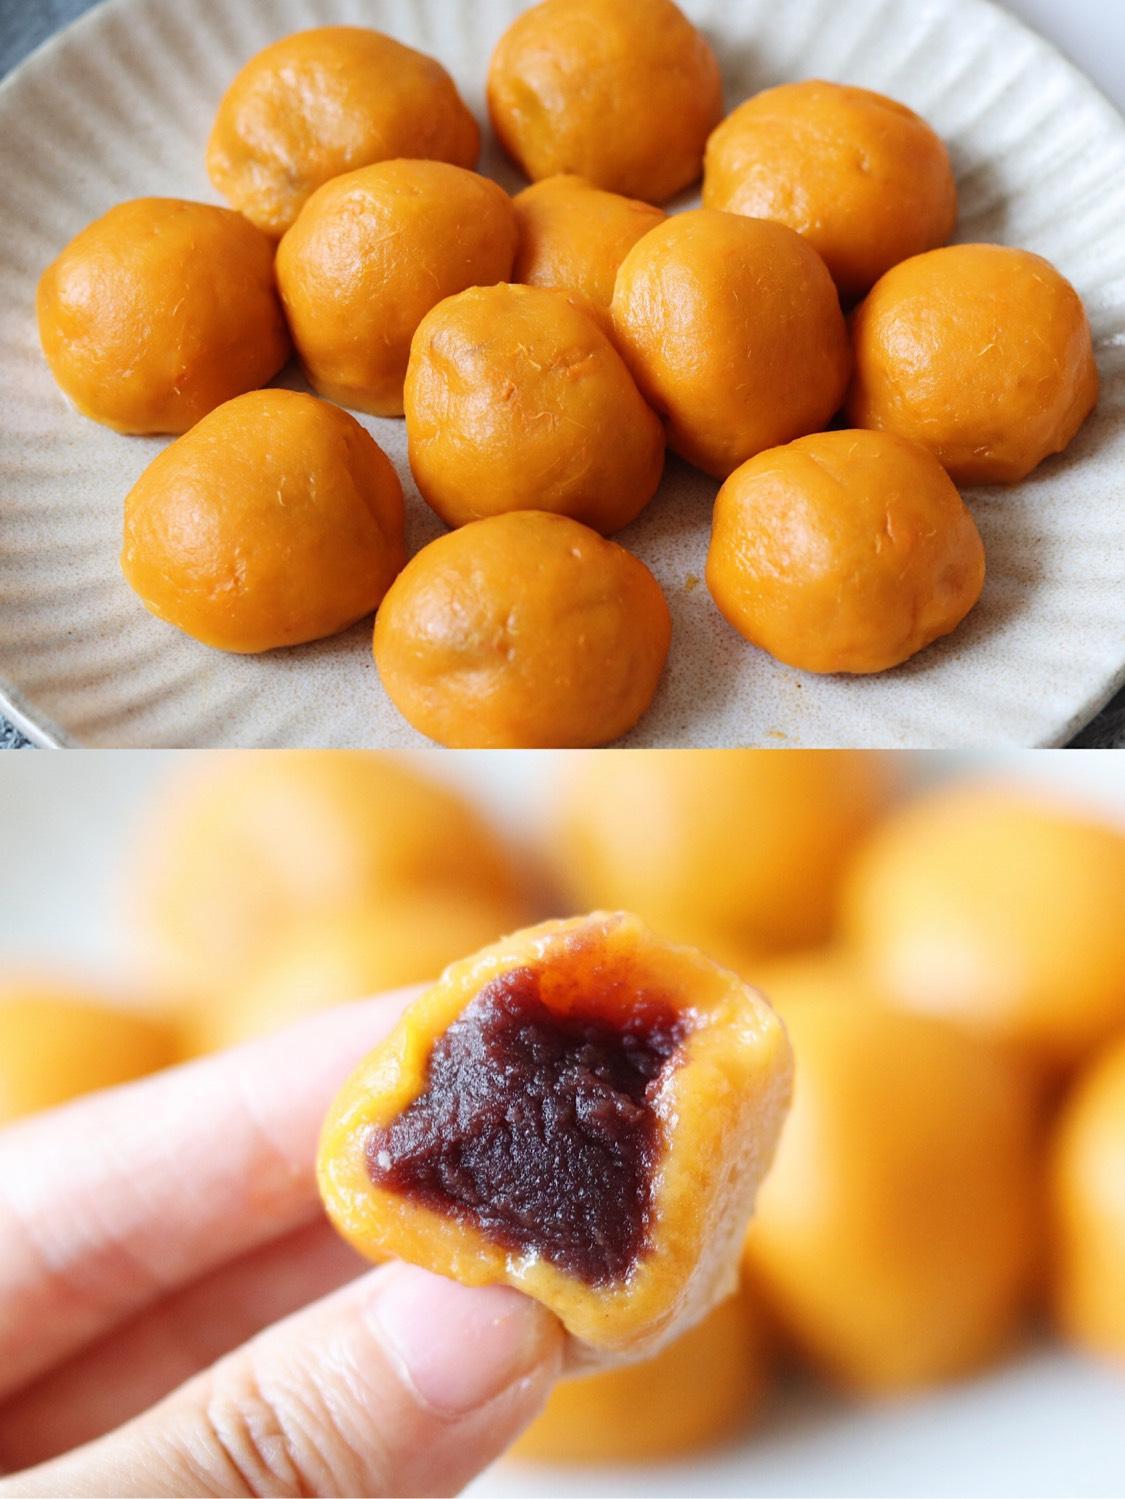 豆沙红薯球Q弹的豆沙红薯丸子,甜甜蜜